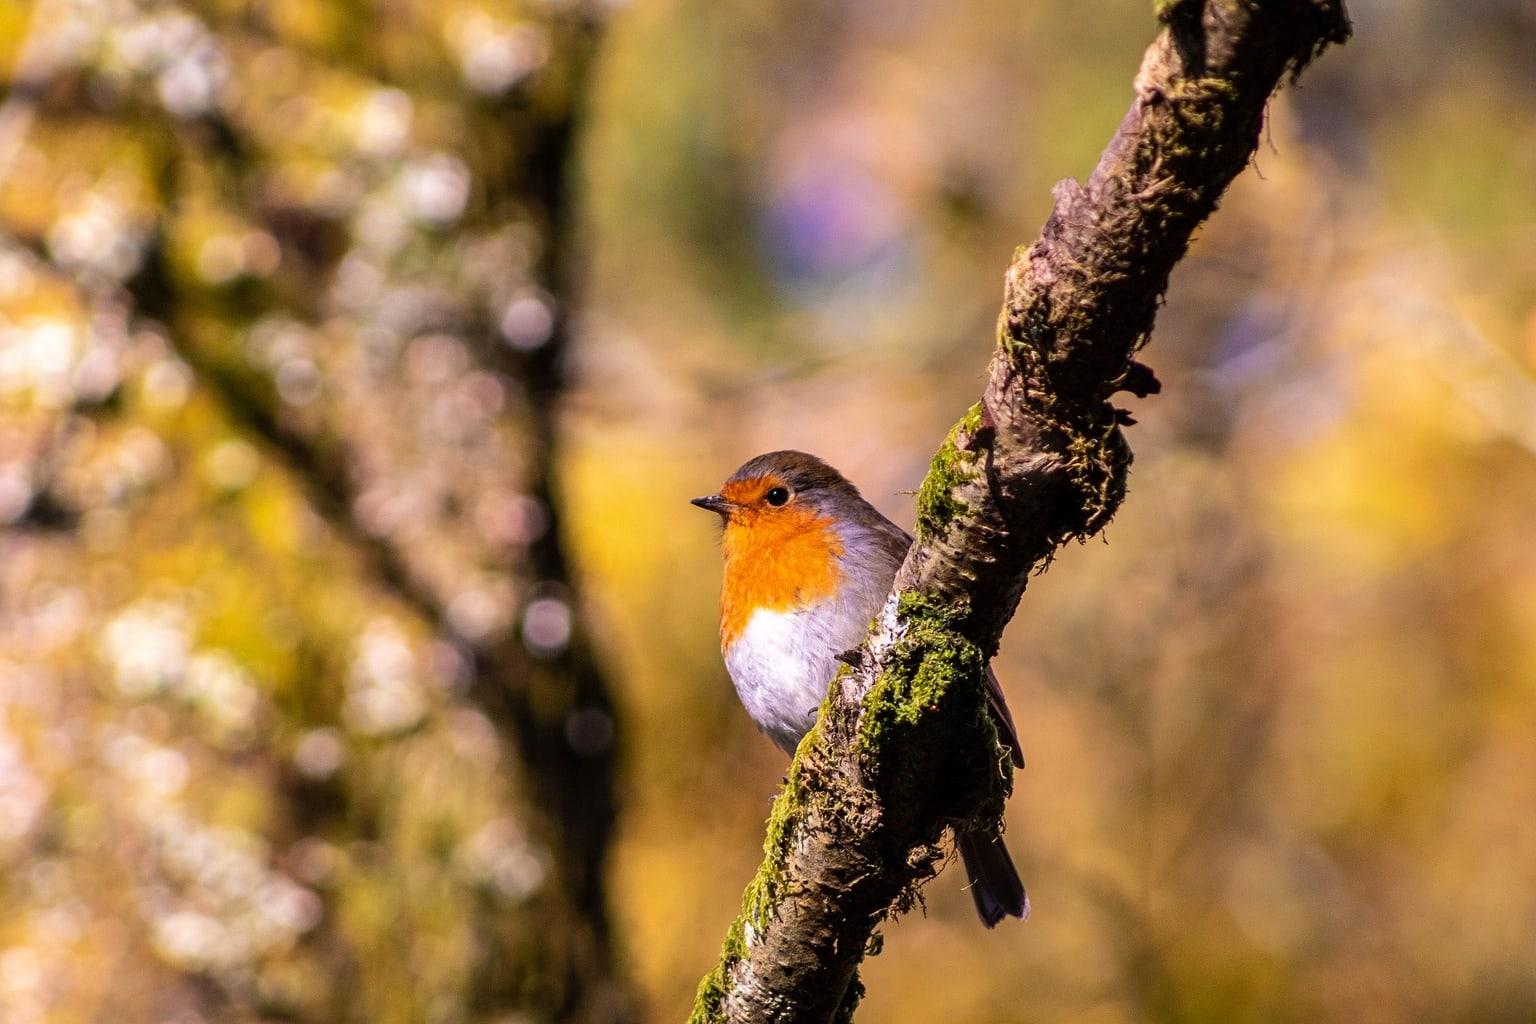 Pájaro descansando en una rama fotografiado con una cámara réflex barata